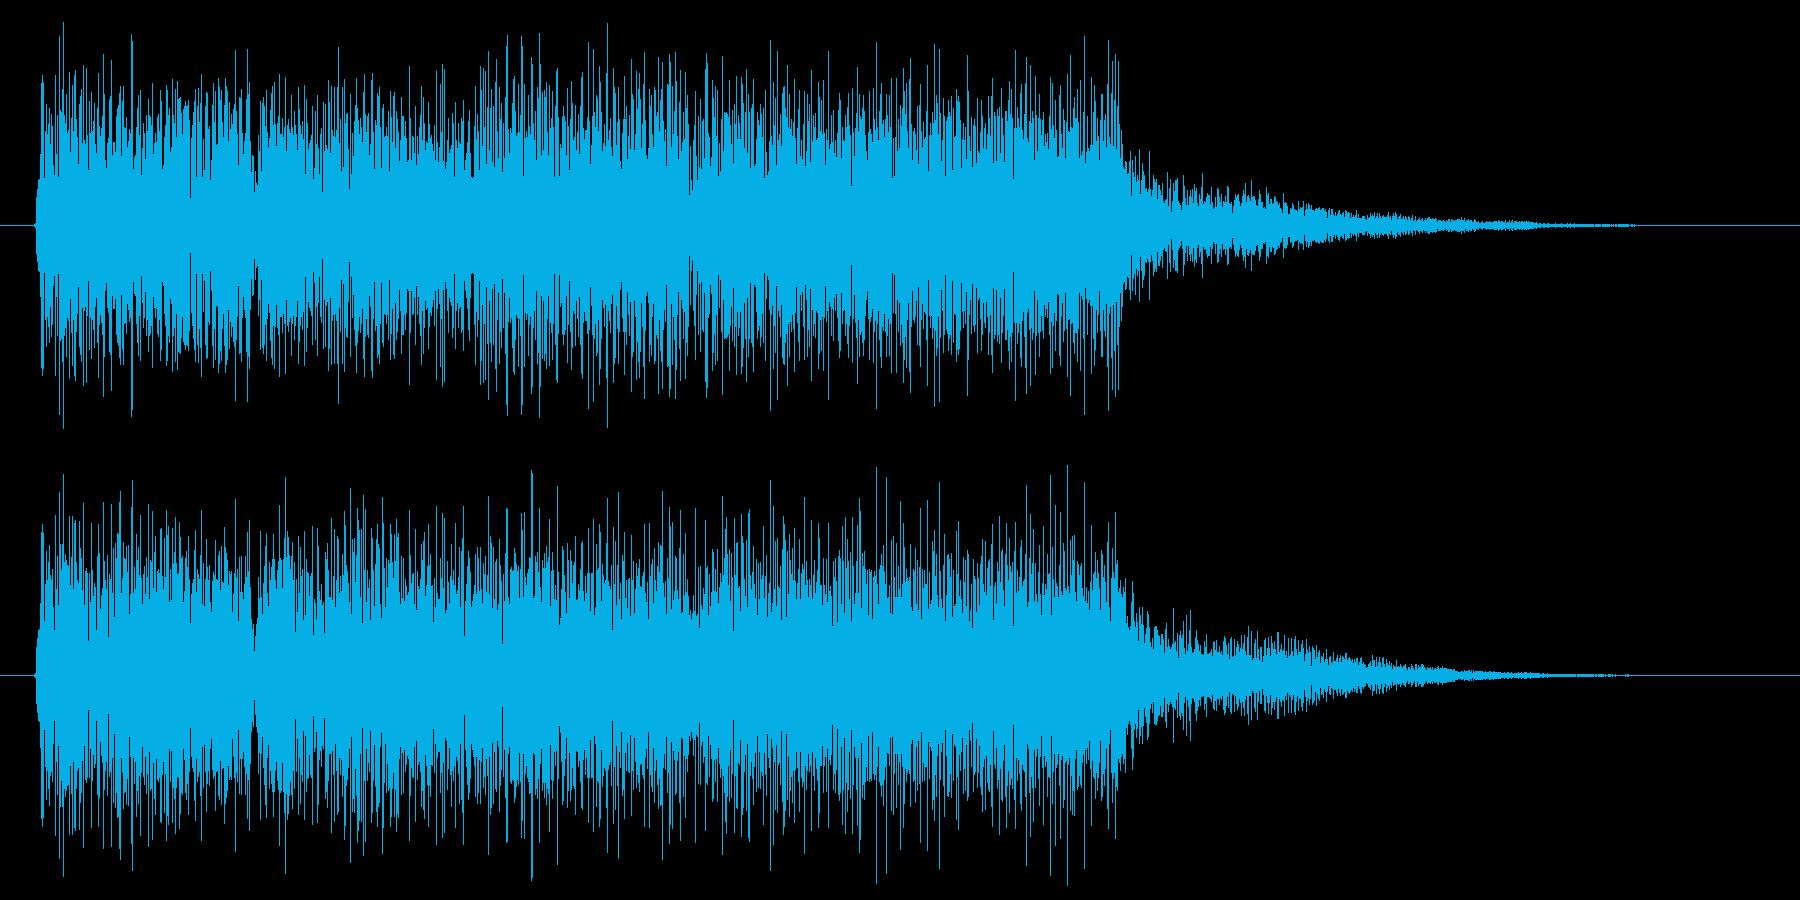 トゥルルルー 失敗 ミス 残念の再生済みの波形